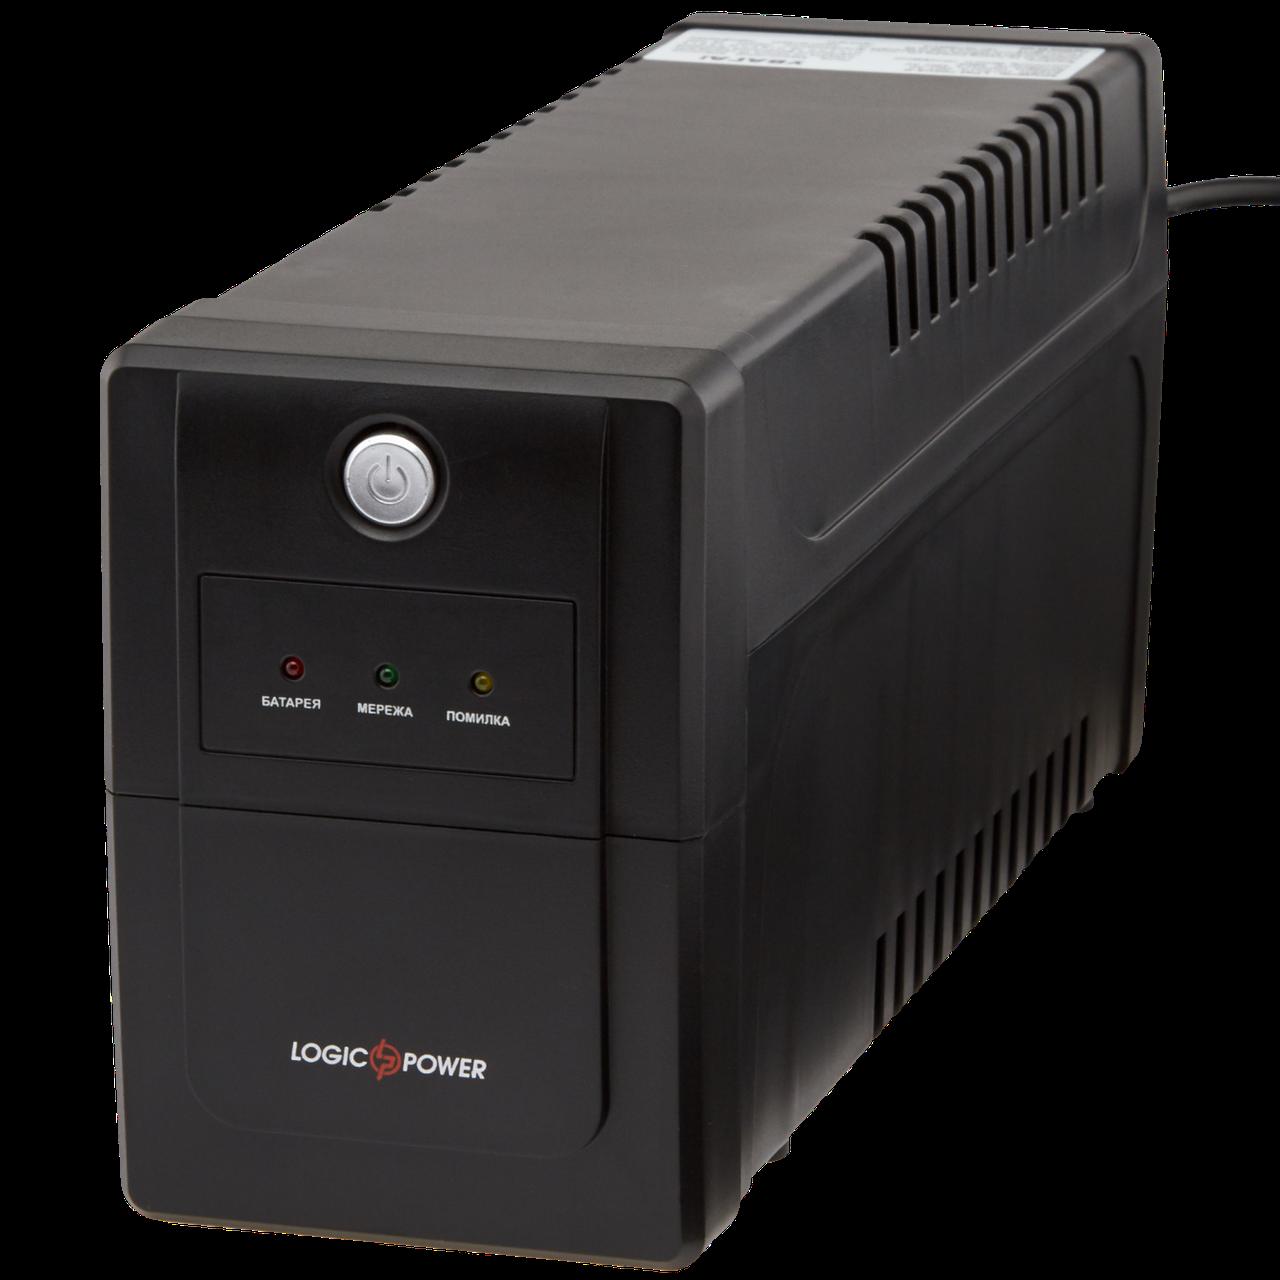 ИБП линейно-интерактивный LogicPower LPM-700VA-P(490Вт)